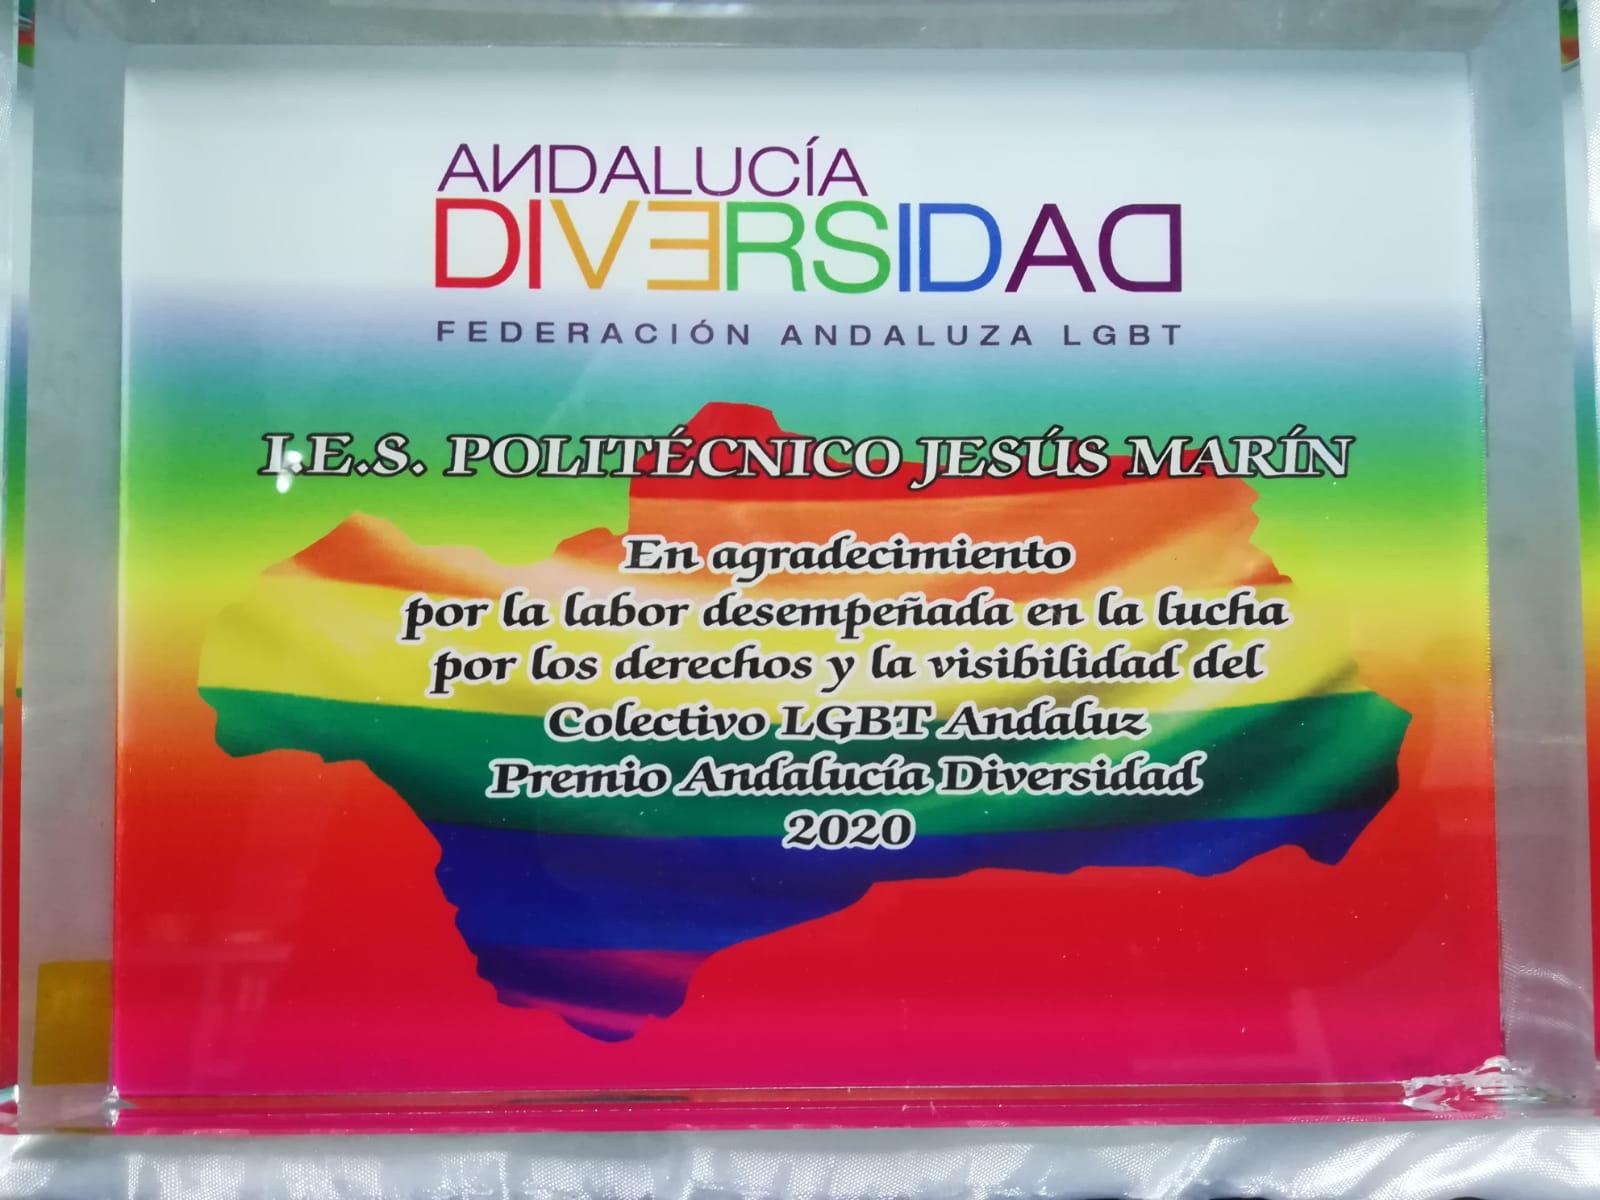 Imagen de la noticia: Premio Andalucía Diversidad - IV Edición